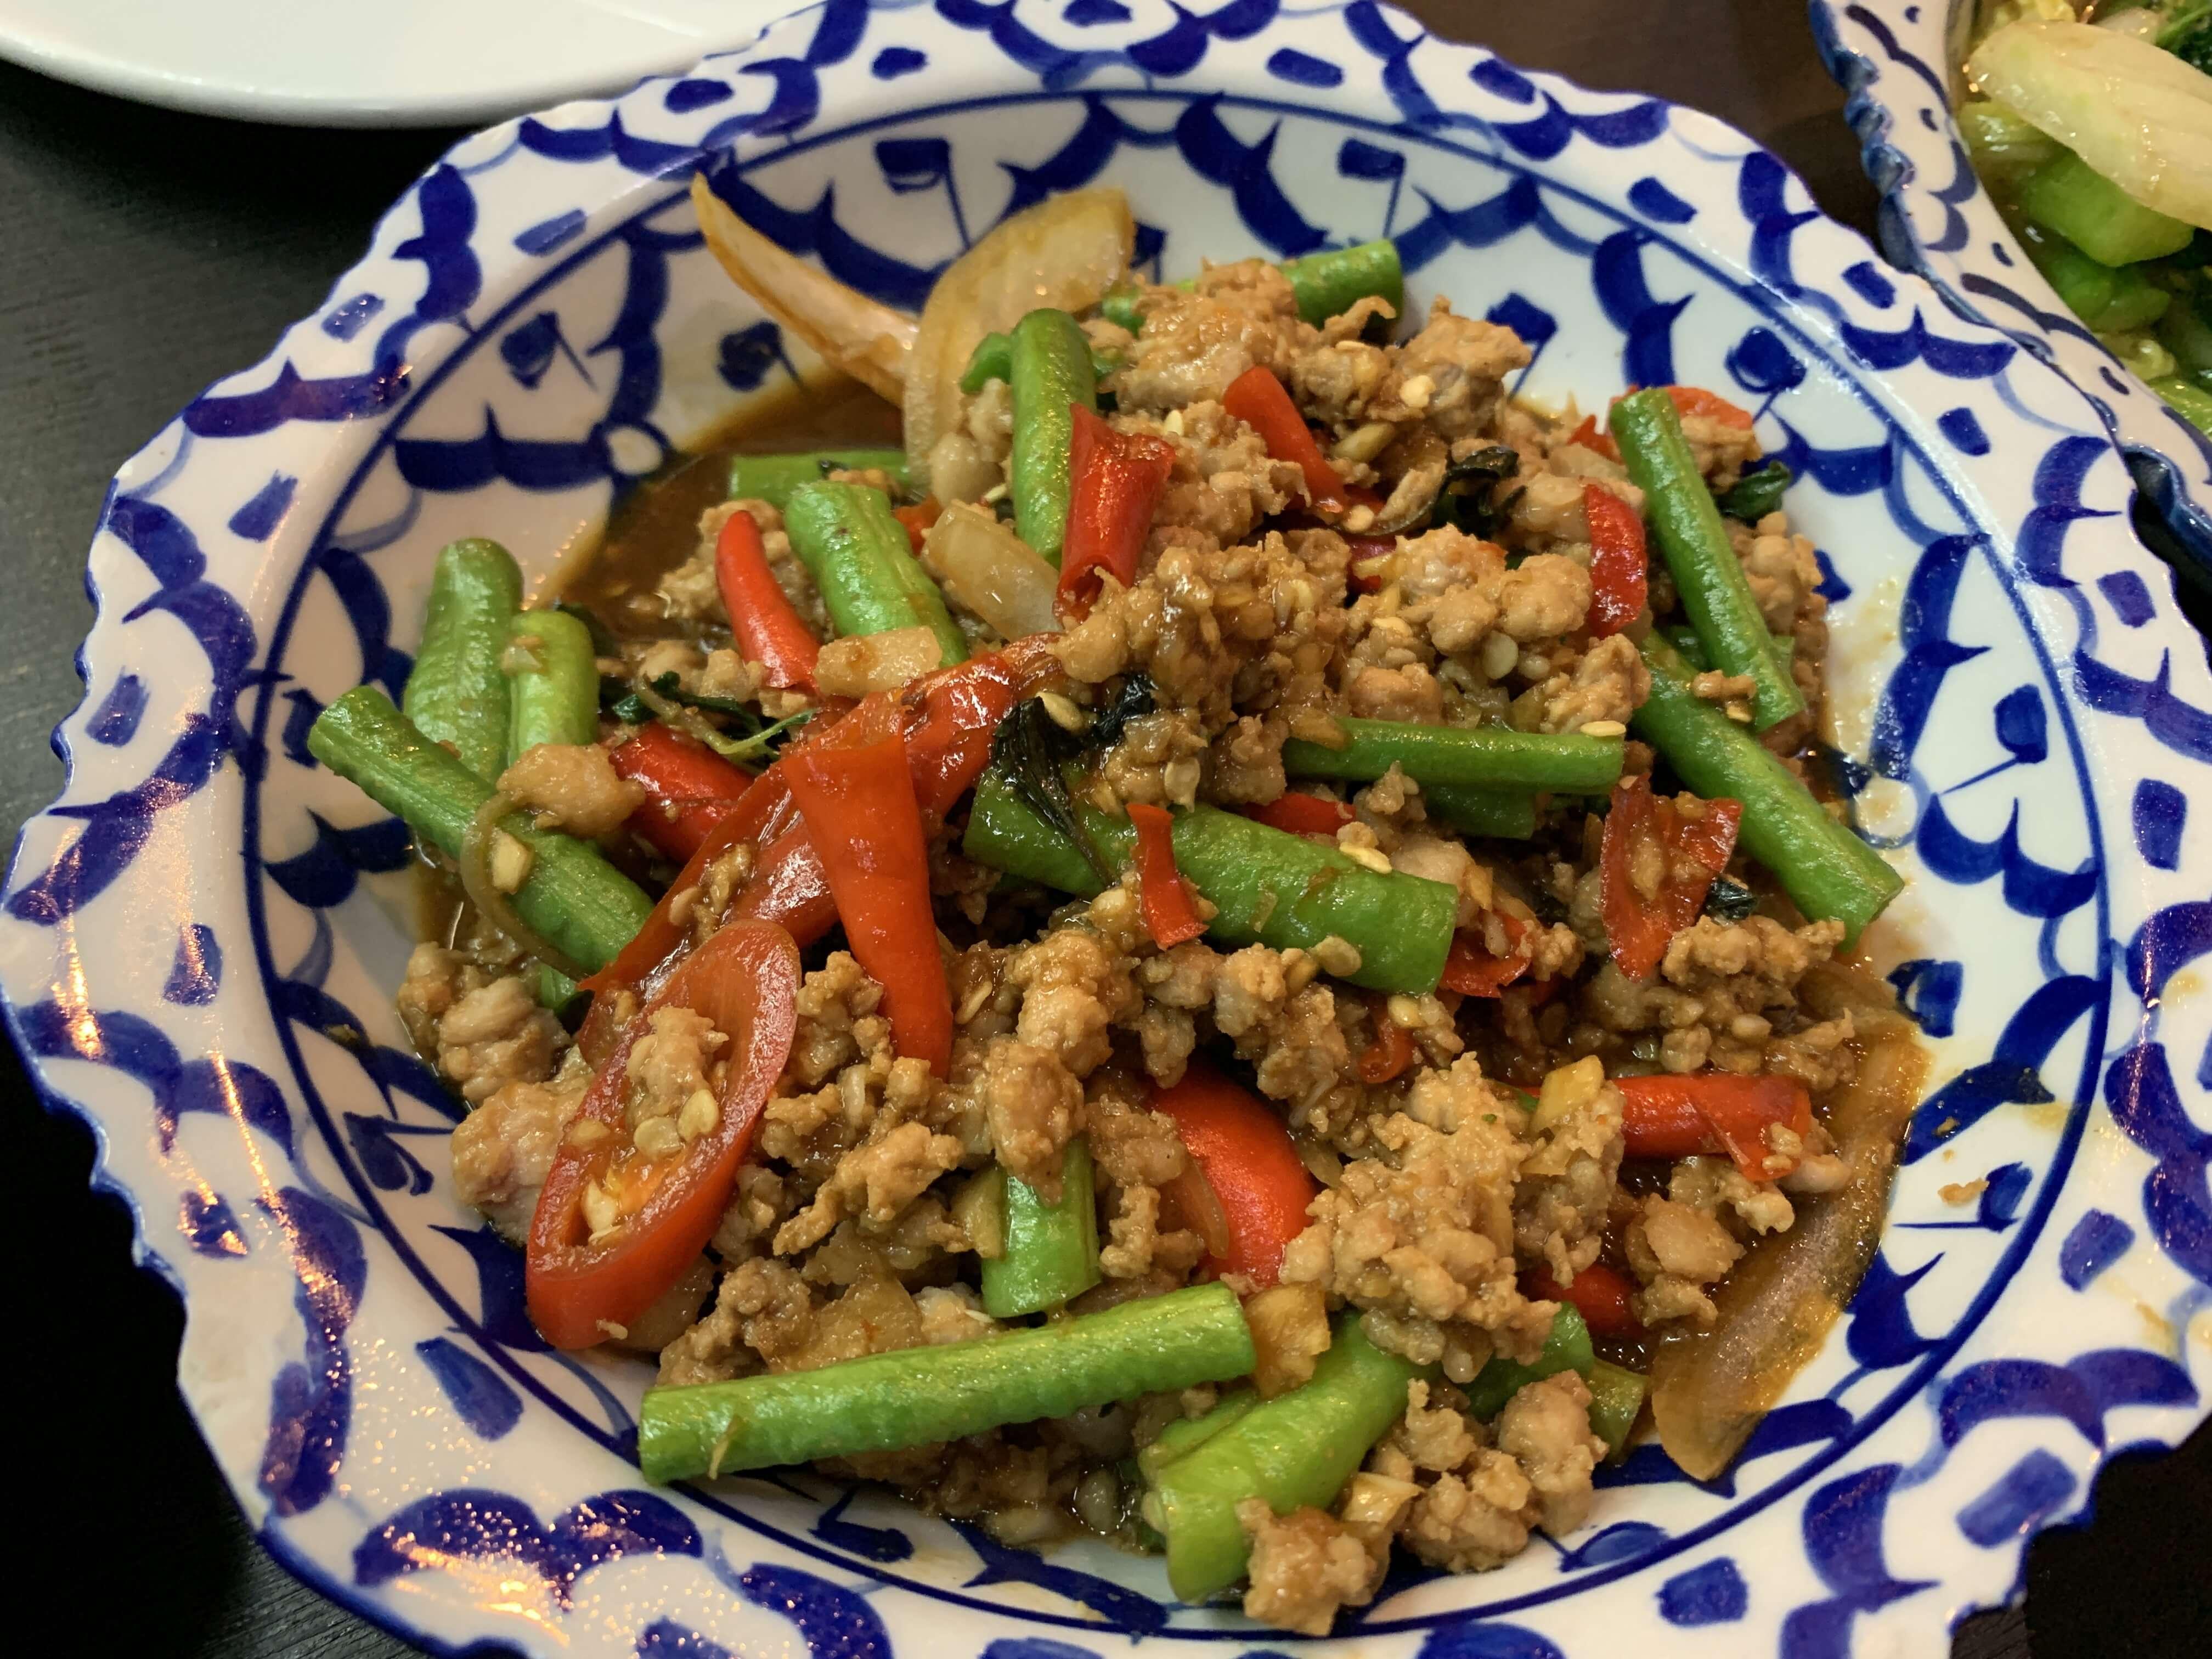 コスパ抜群!タイ料理【NAKHON KITCHEN / ナクホンキッチン】@コヴァン駅